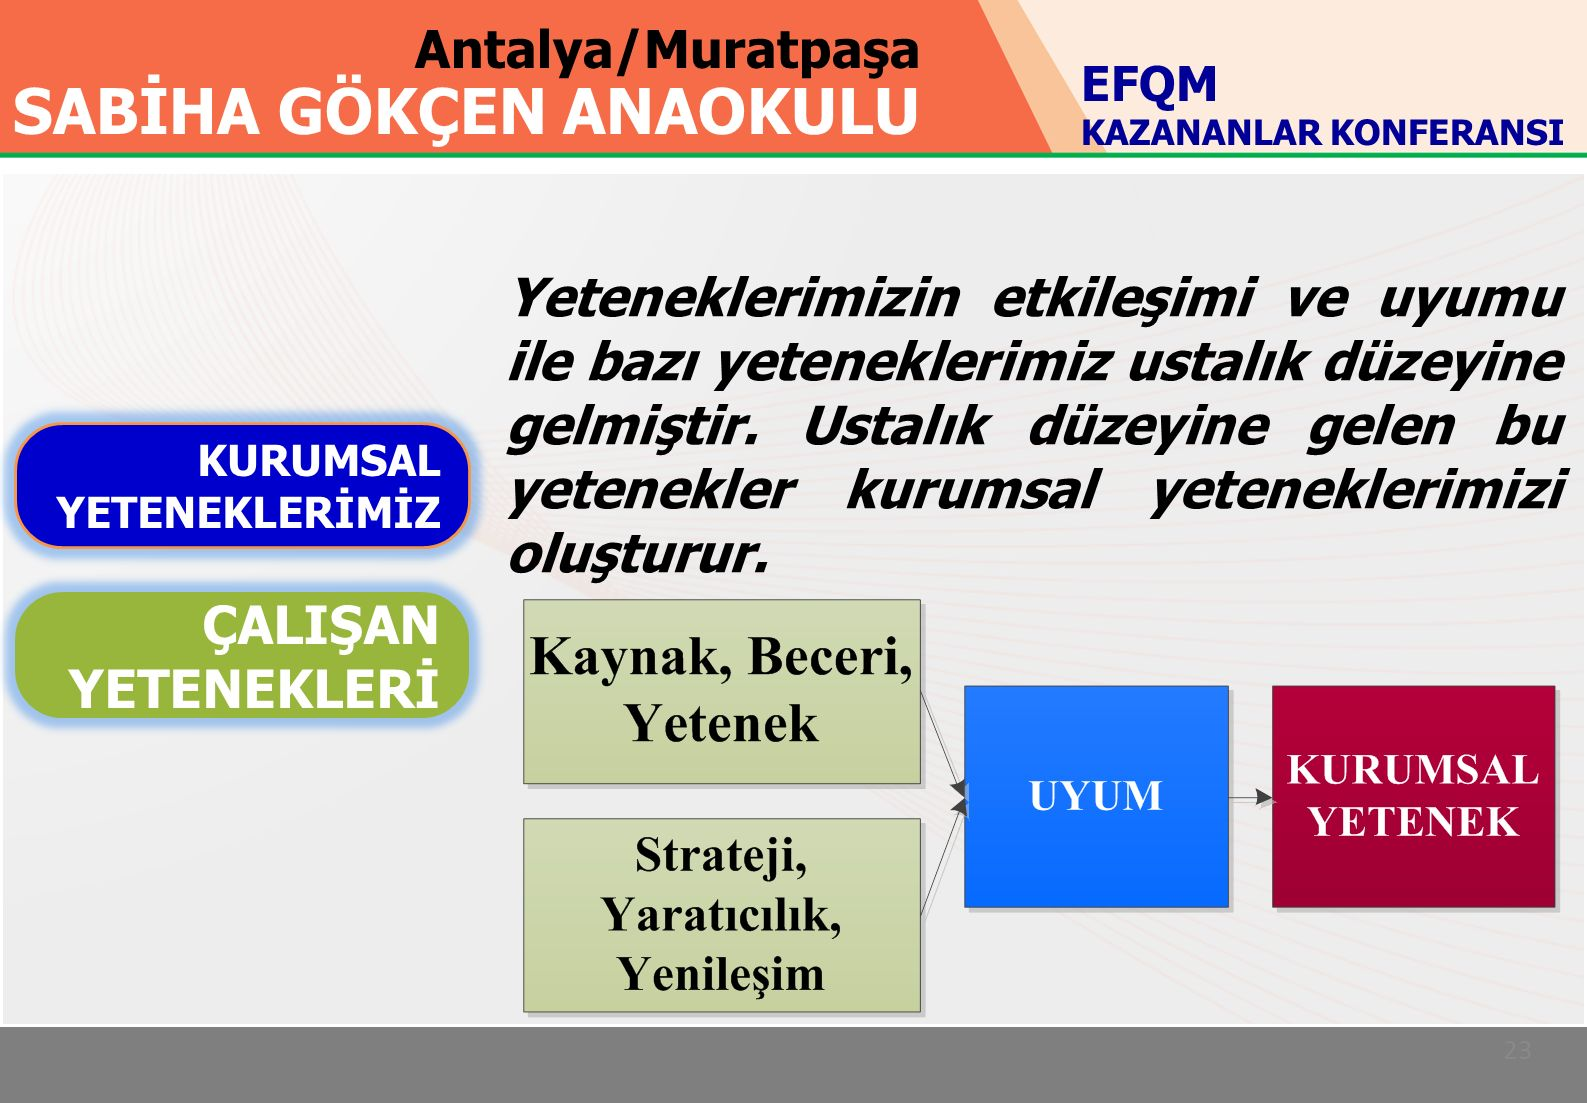 Antalya/Muratpaşa SABİHA GÖKÇEN ANAOKULU 23 KURUMSAL YETENEKLERİMİZ ÇALIŞAN YETENEKLERİ EFQM KAZANANLAR KONFERANSI Yeteneklerimizin etkileşimi ve uyumu ile bazı yeteneklerimiz ustalık düzeyine gelmiştir.